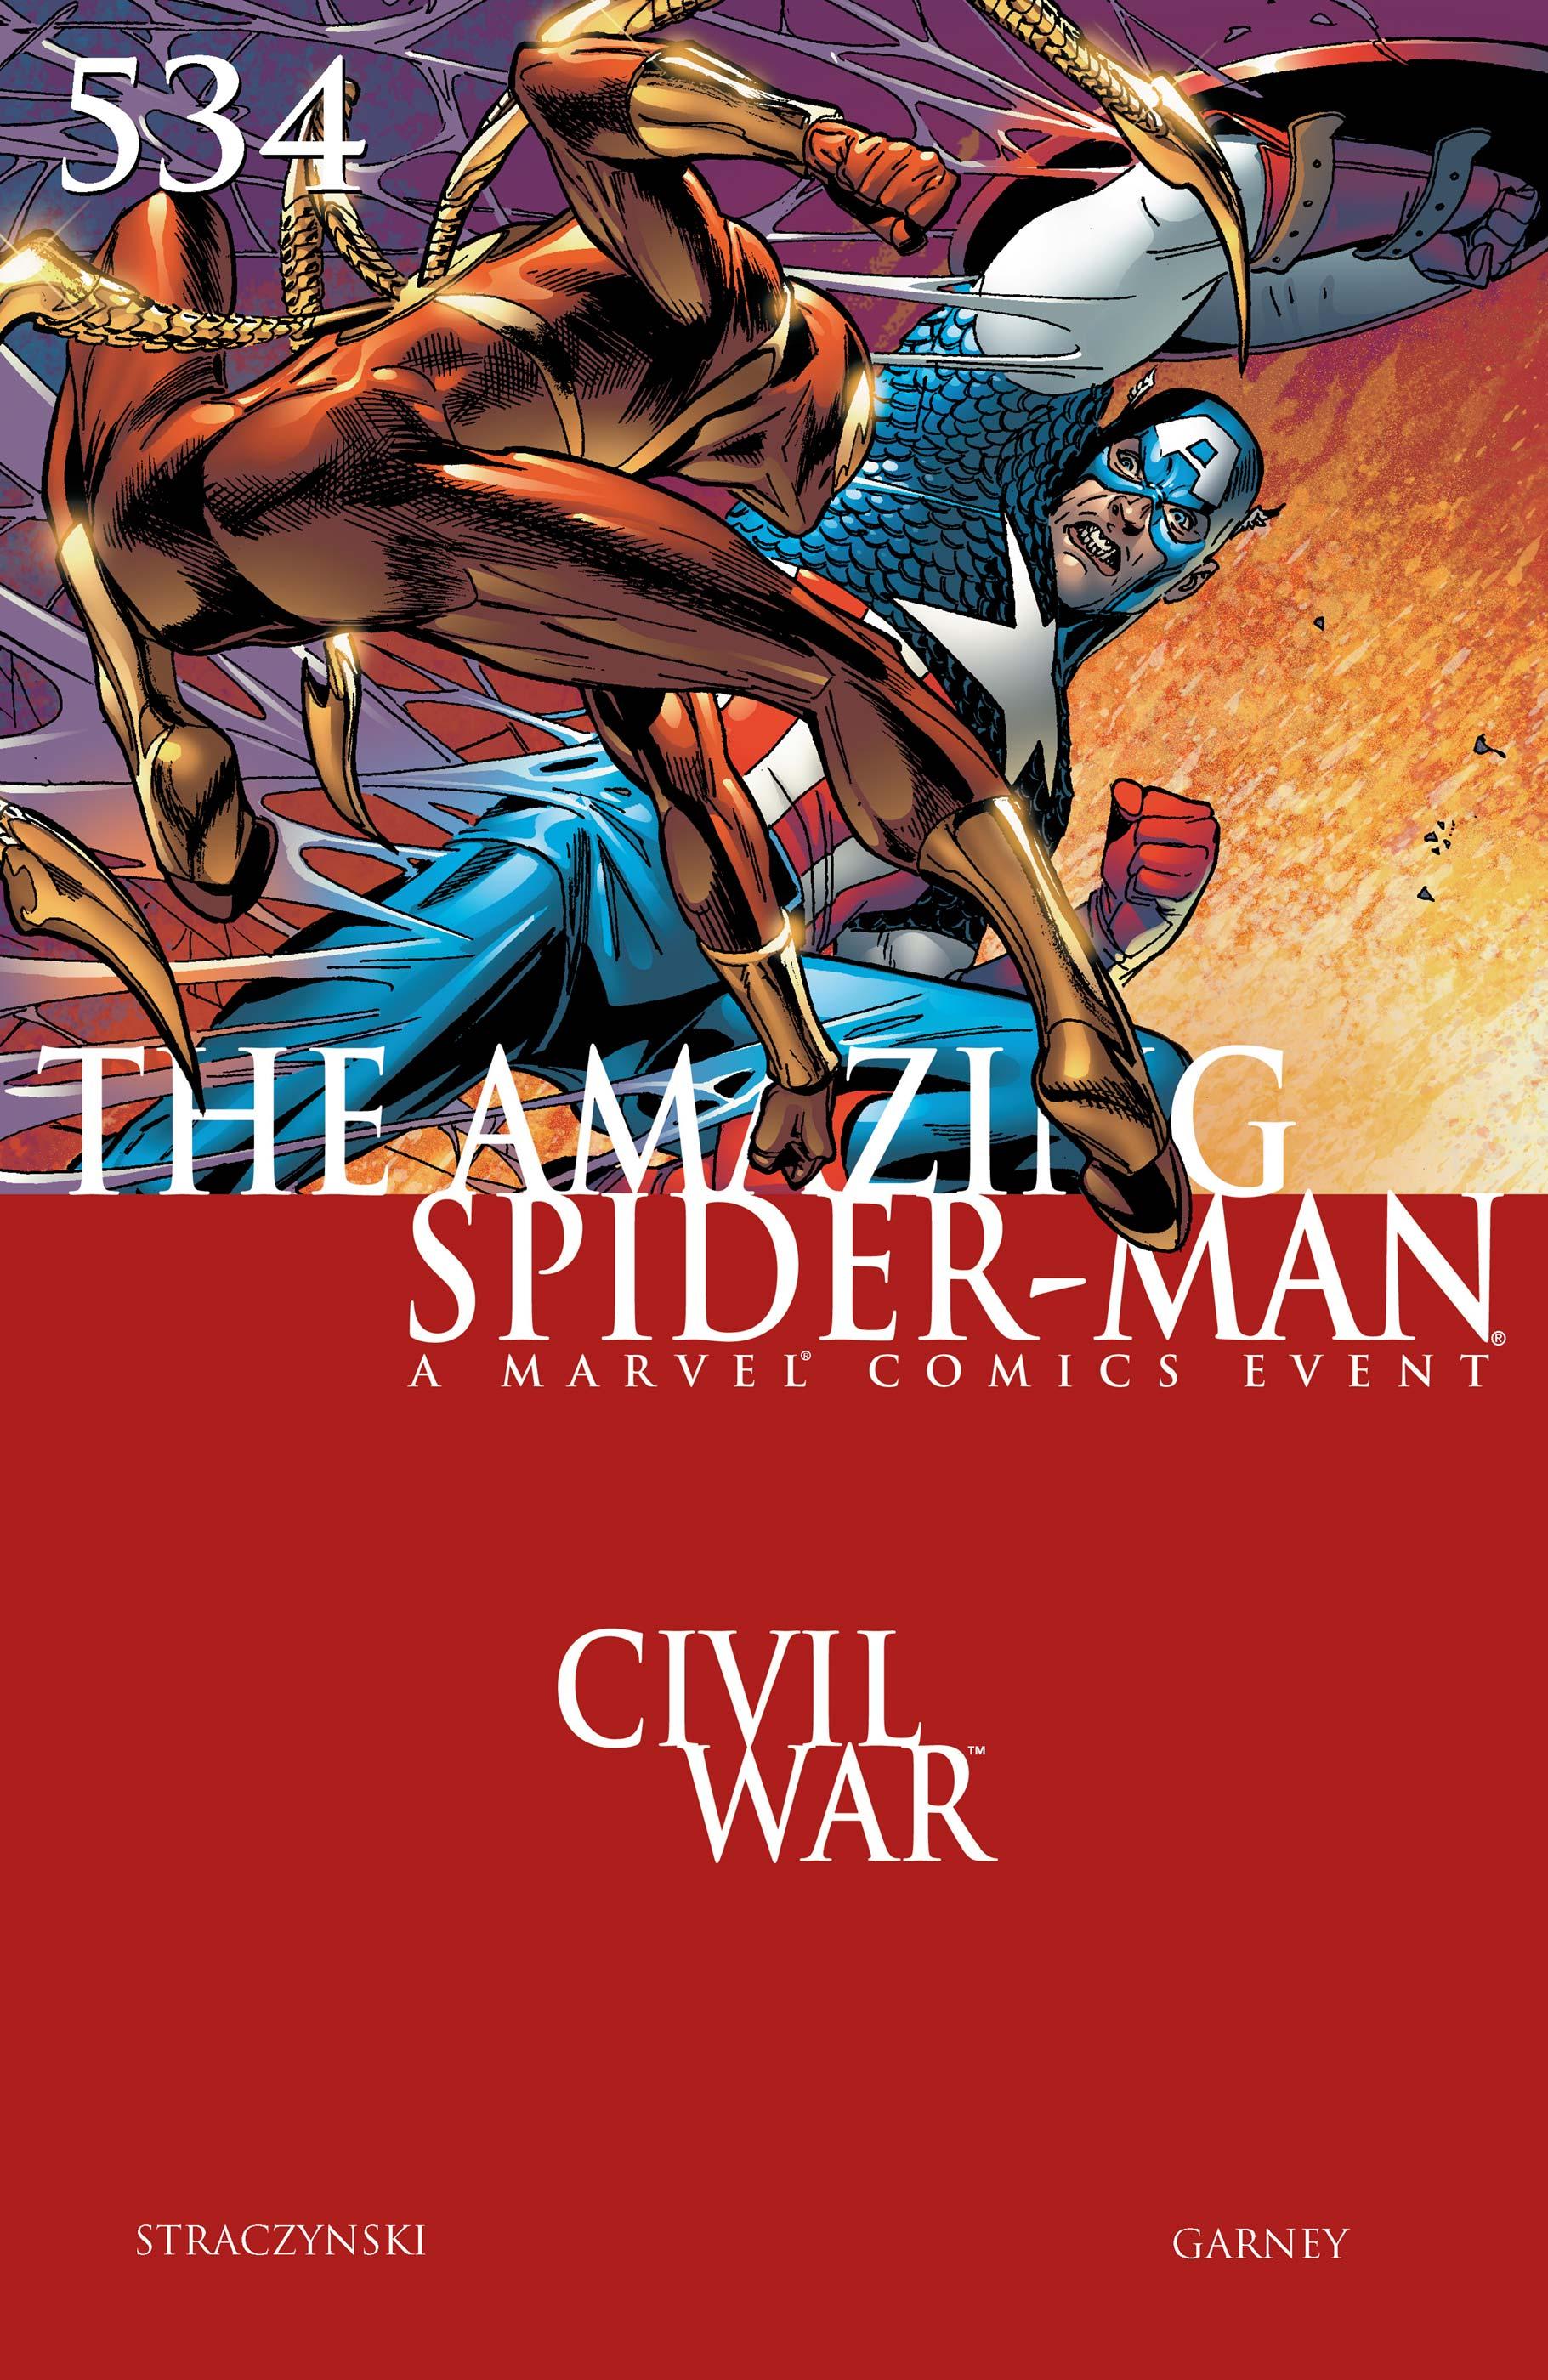 Amazing Spider-Man (1999) #534